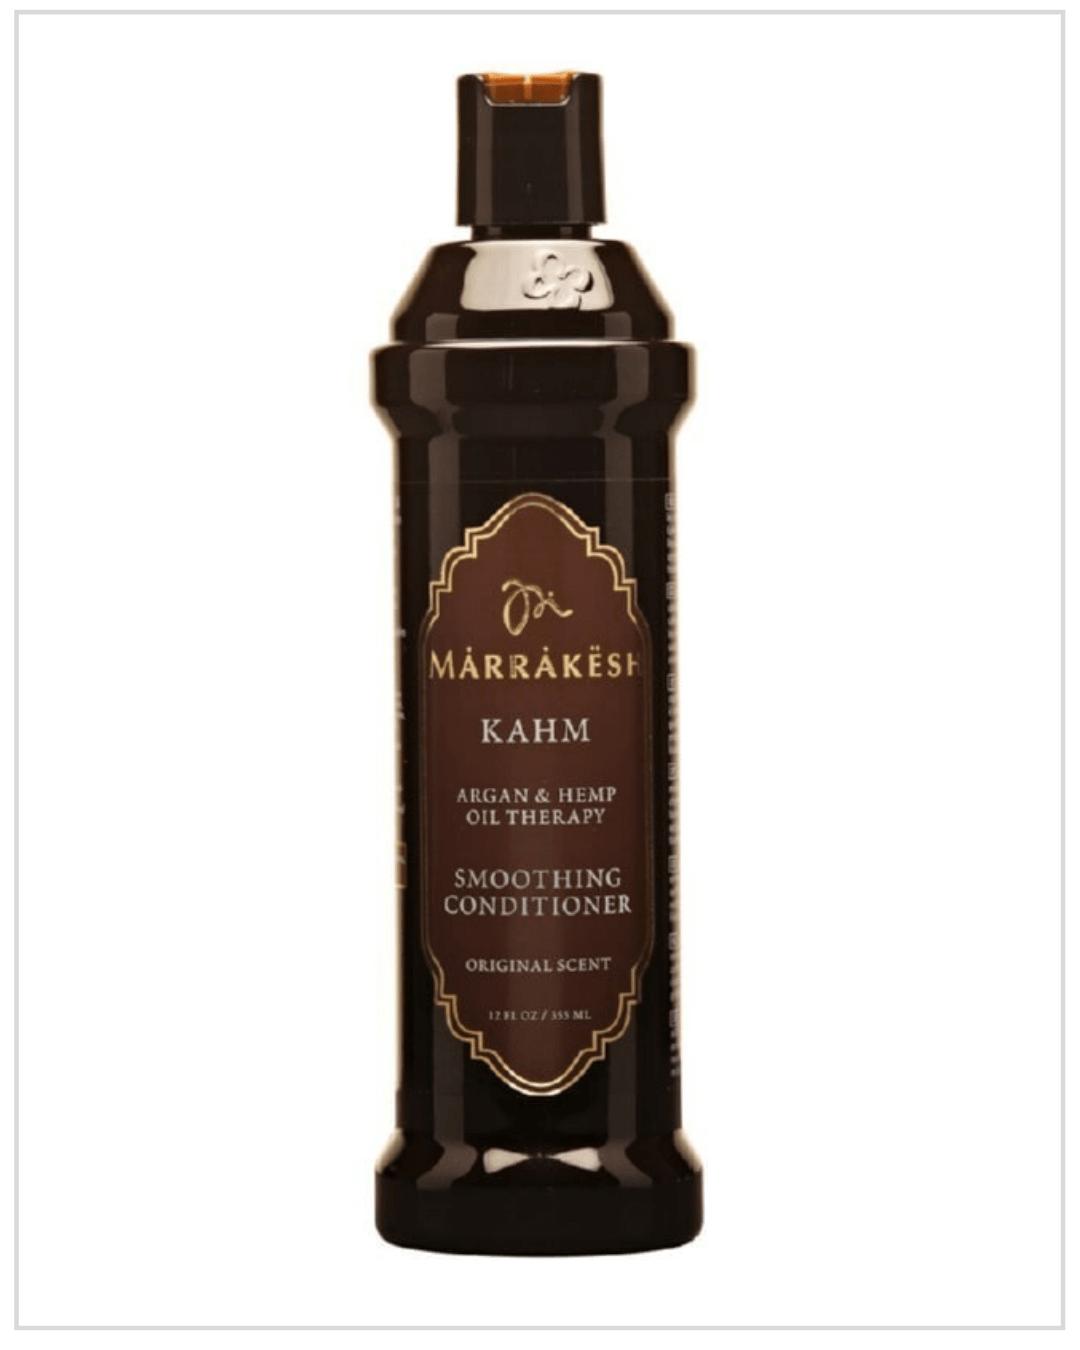 Kondicionierius tiesinantis ir glotninantis plaukus Marrakesh KAHM Smoothing Conditioner Original Scent